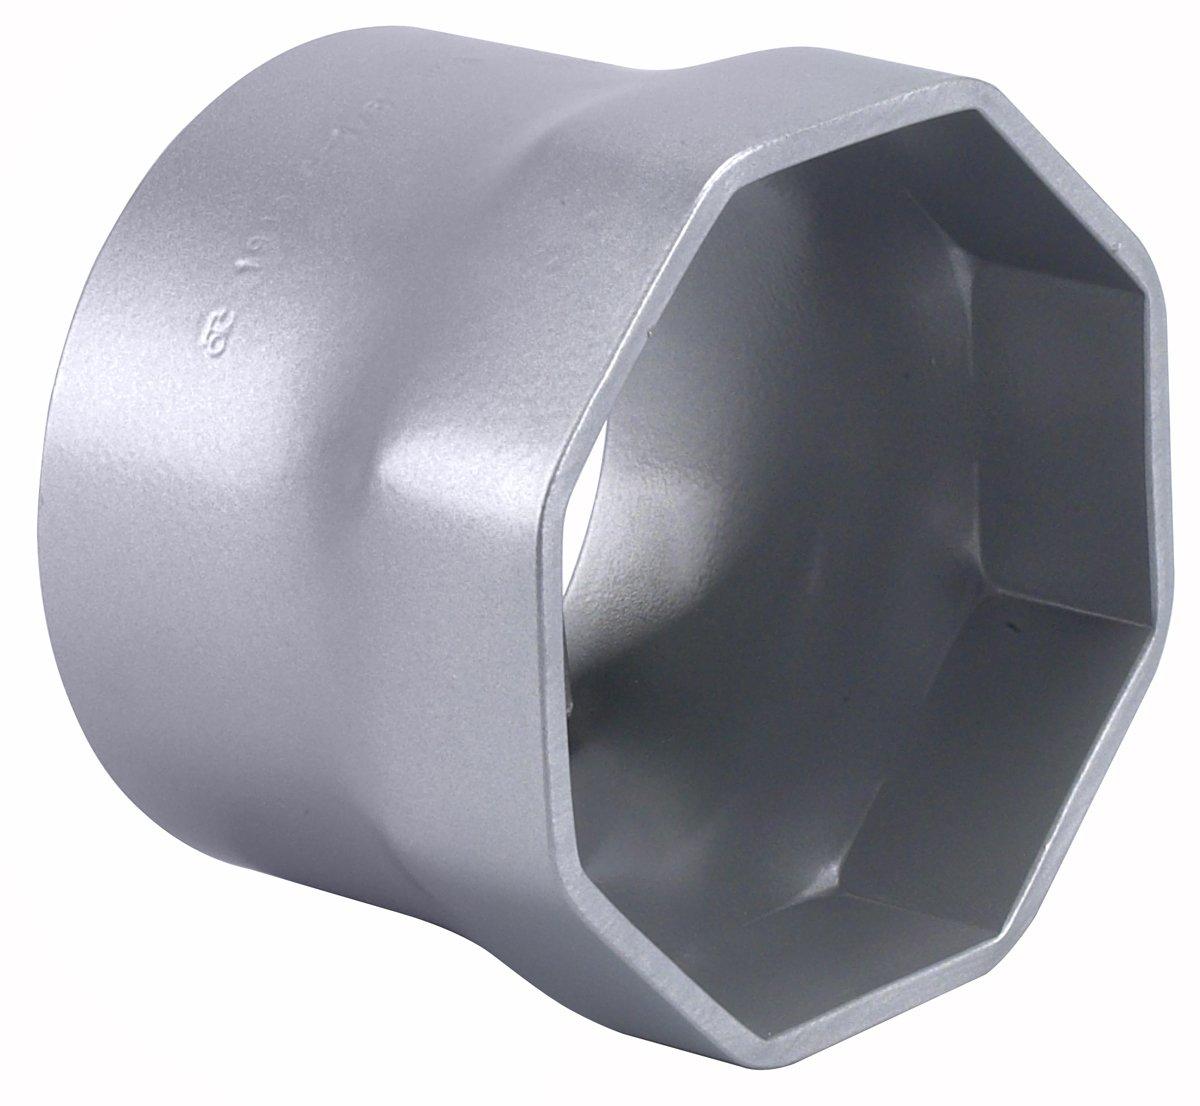 axle nut socket size chart - Hoss.roshana.co